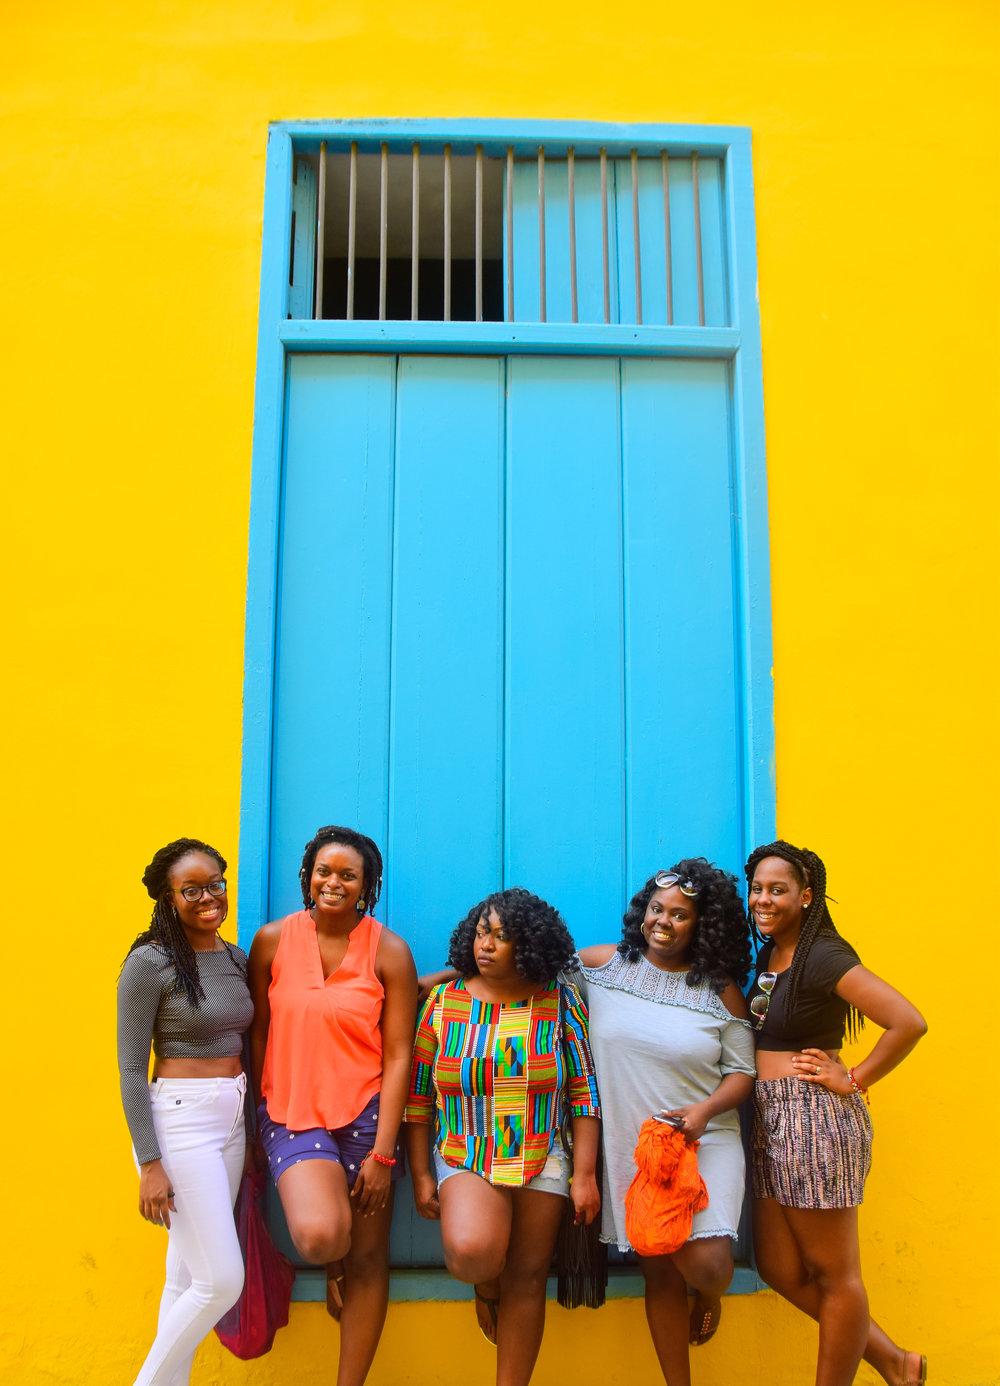 black people in Cuba